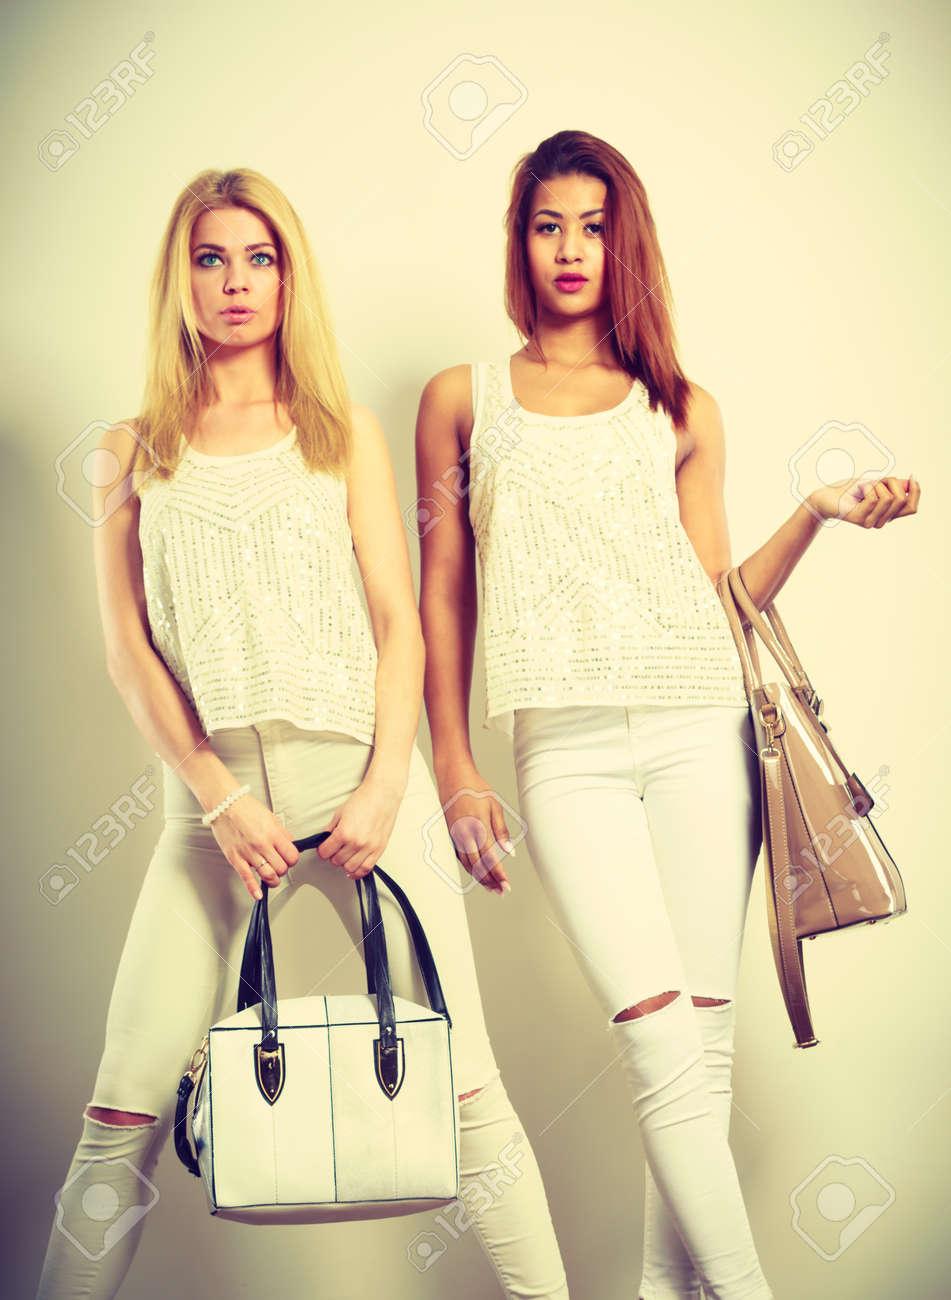 cbec088e1255 Prendas de vestir accesorios de moda para damas. Una foto de dos jóvenes  modelos con bolsos de mano. niñas atractivas vistiendo la misma ropa blanca.